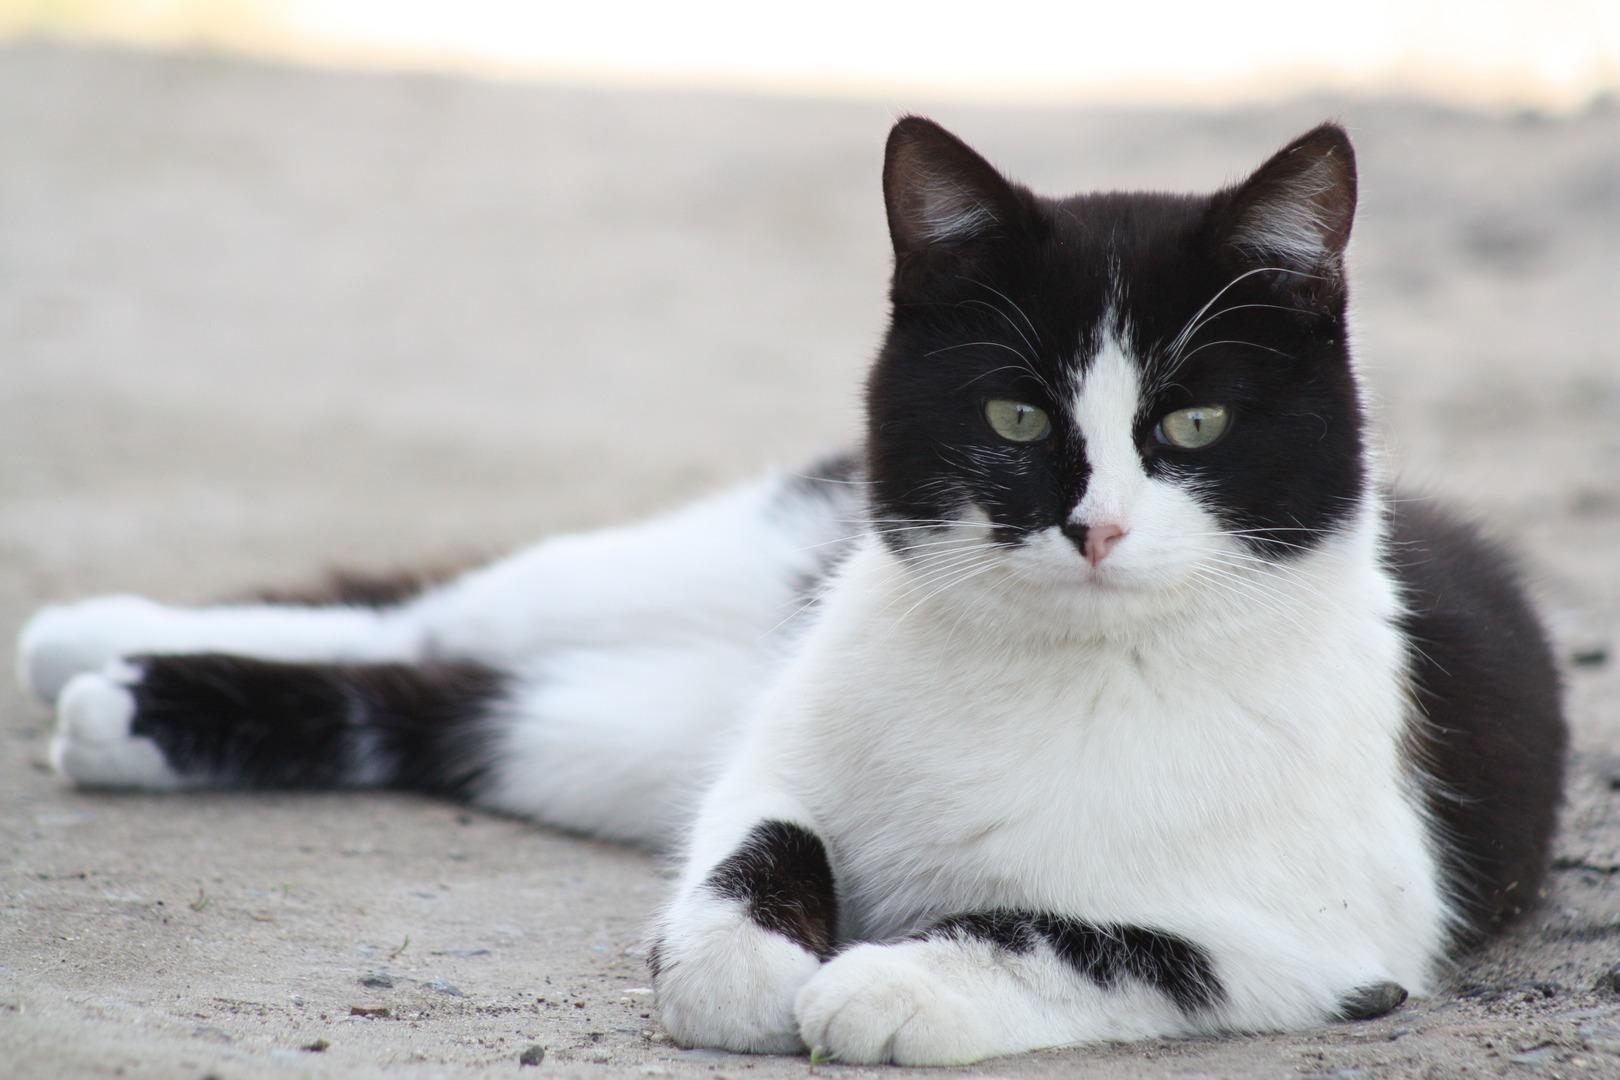 zwart-witte kat met mooie vacht